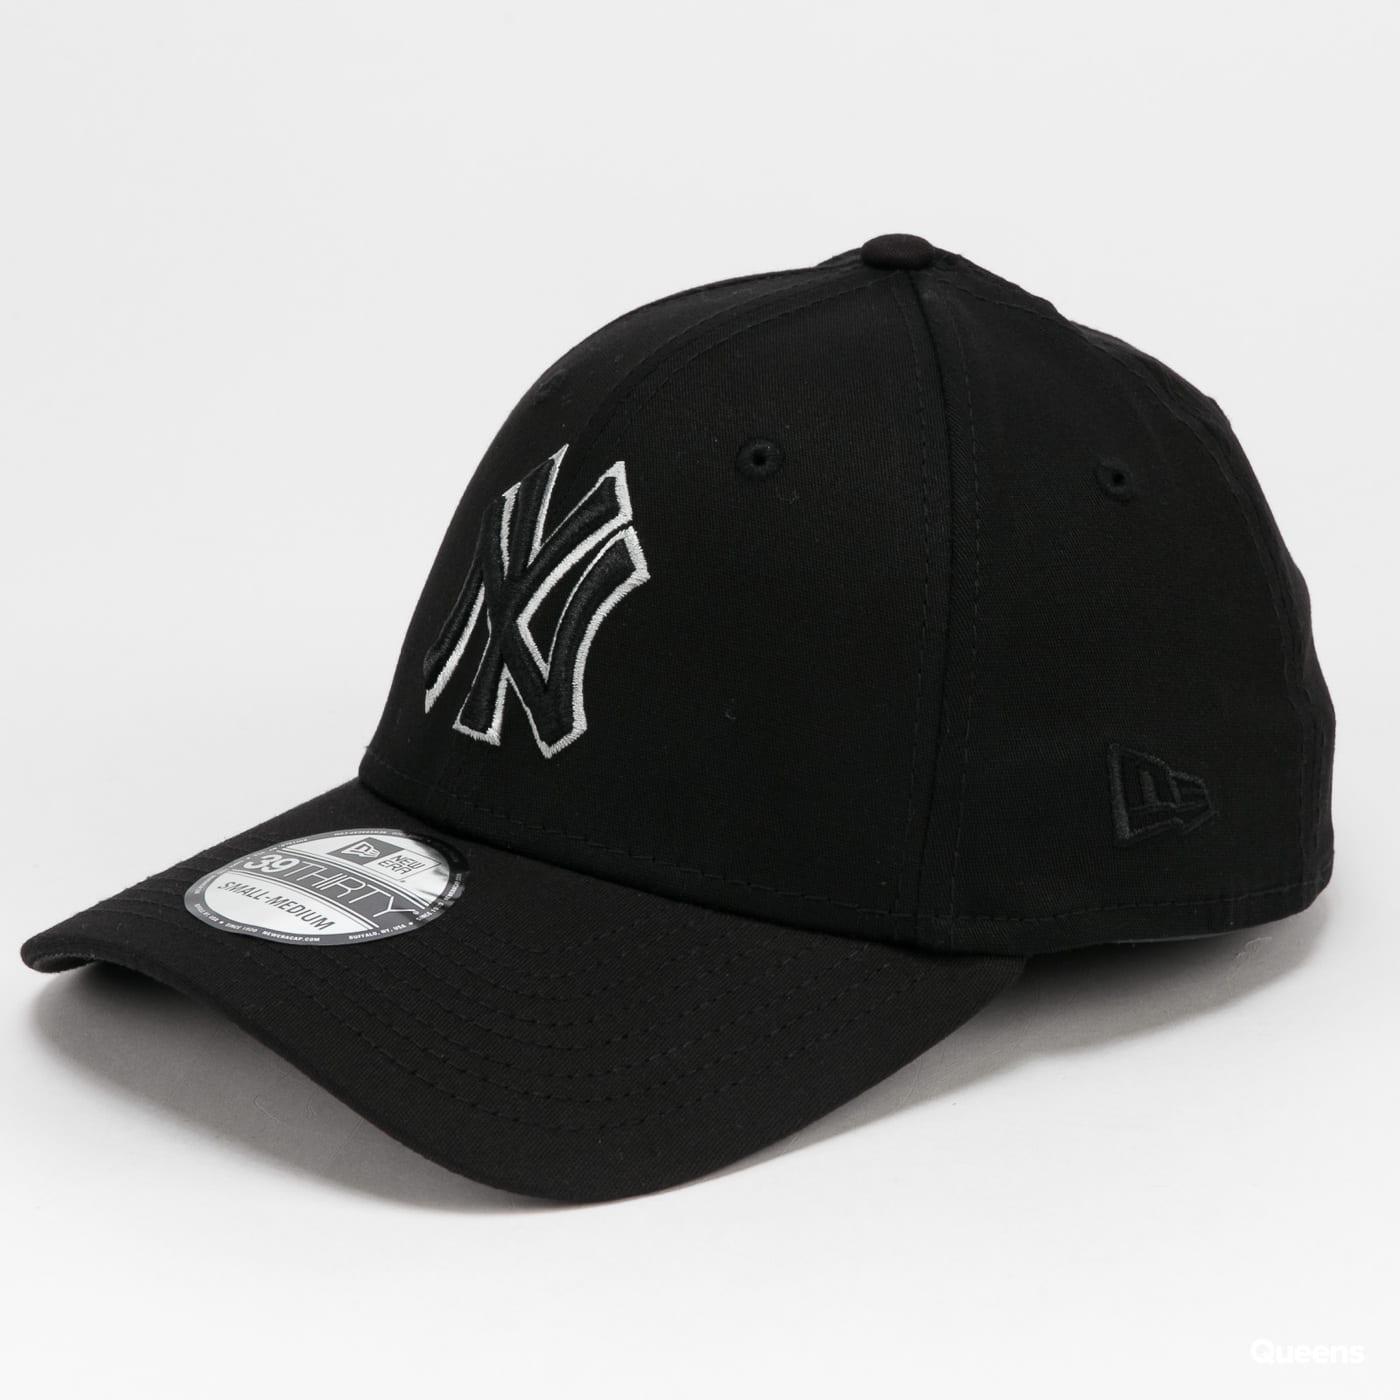 New Era 3930 MLB Tonal NY gray / beige / pink / black